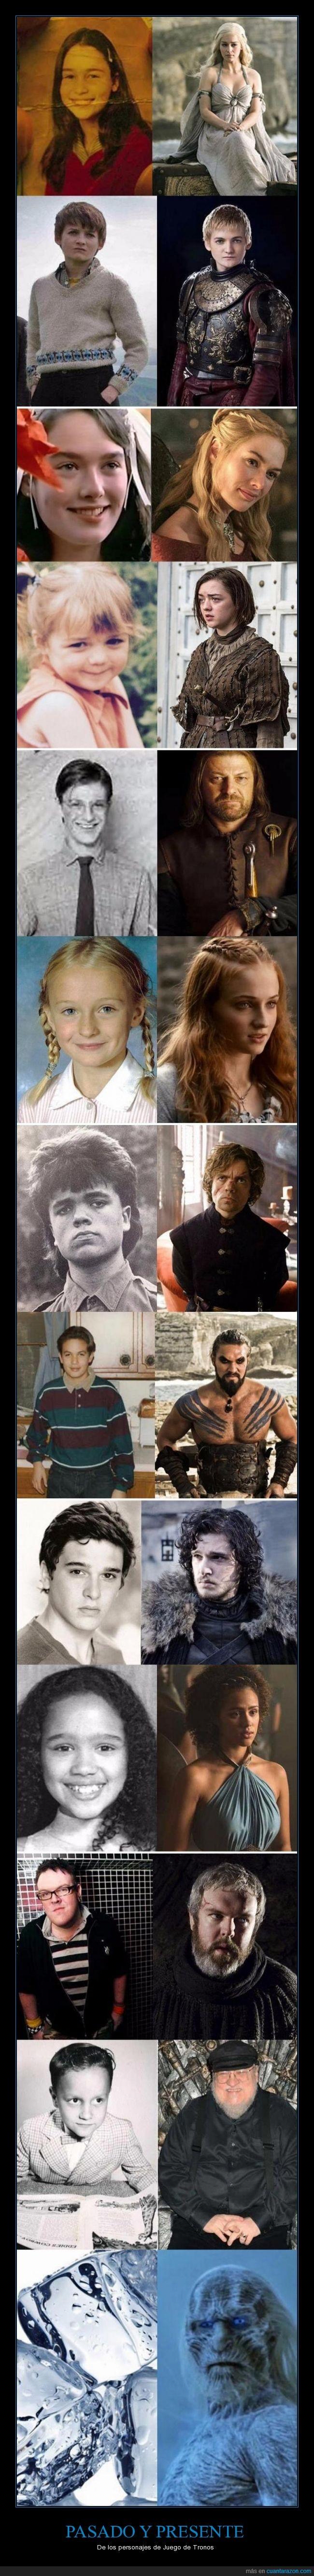 el ultimo es el mejor,juventud,parecidos,pasado